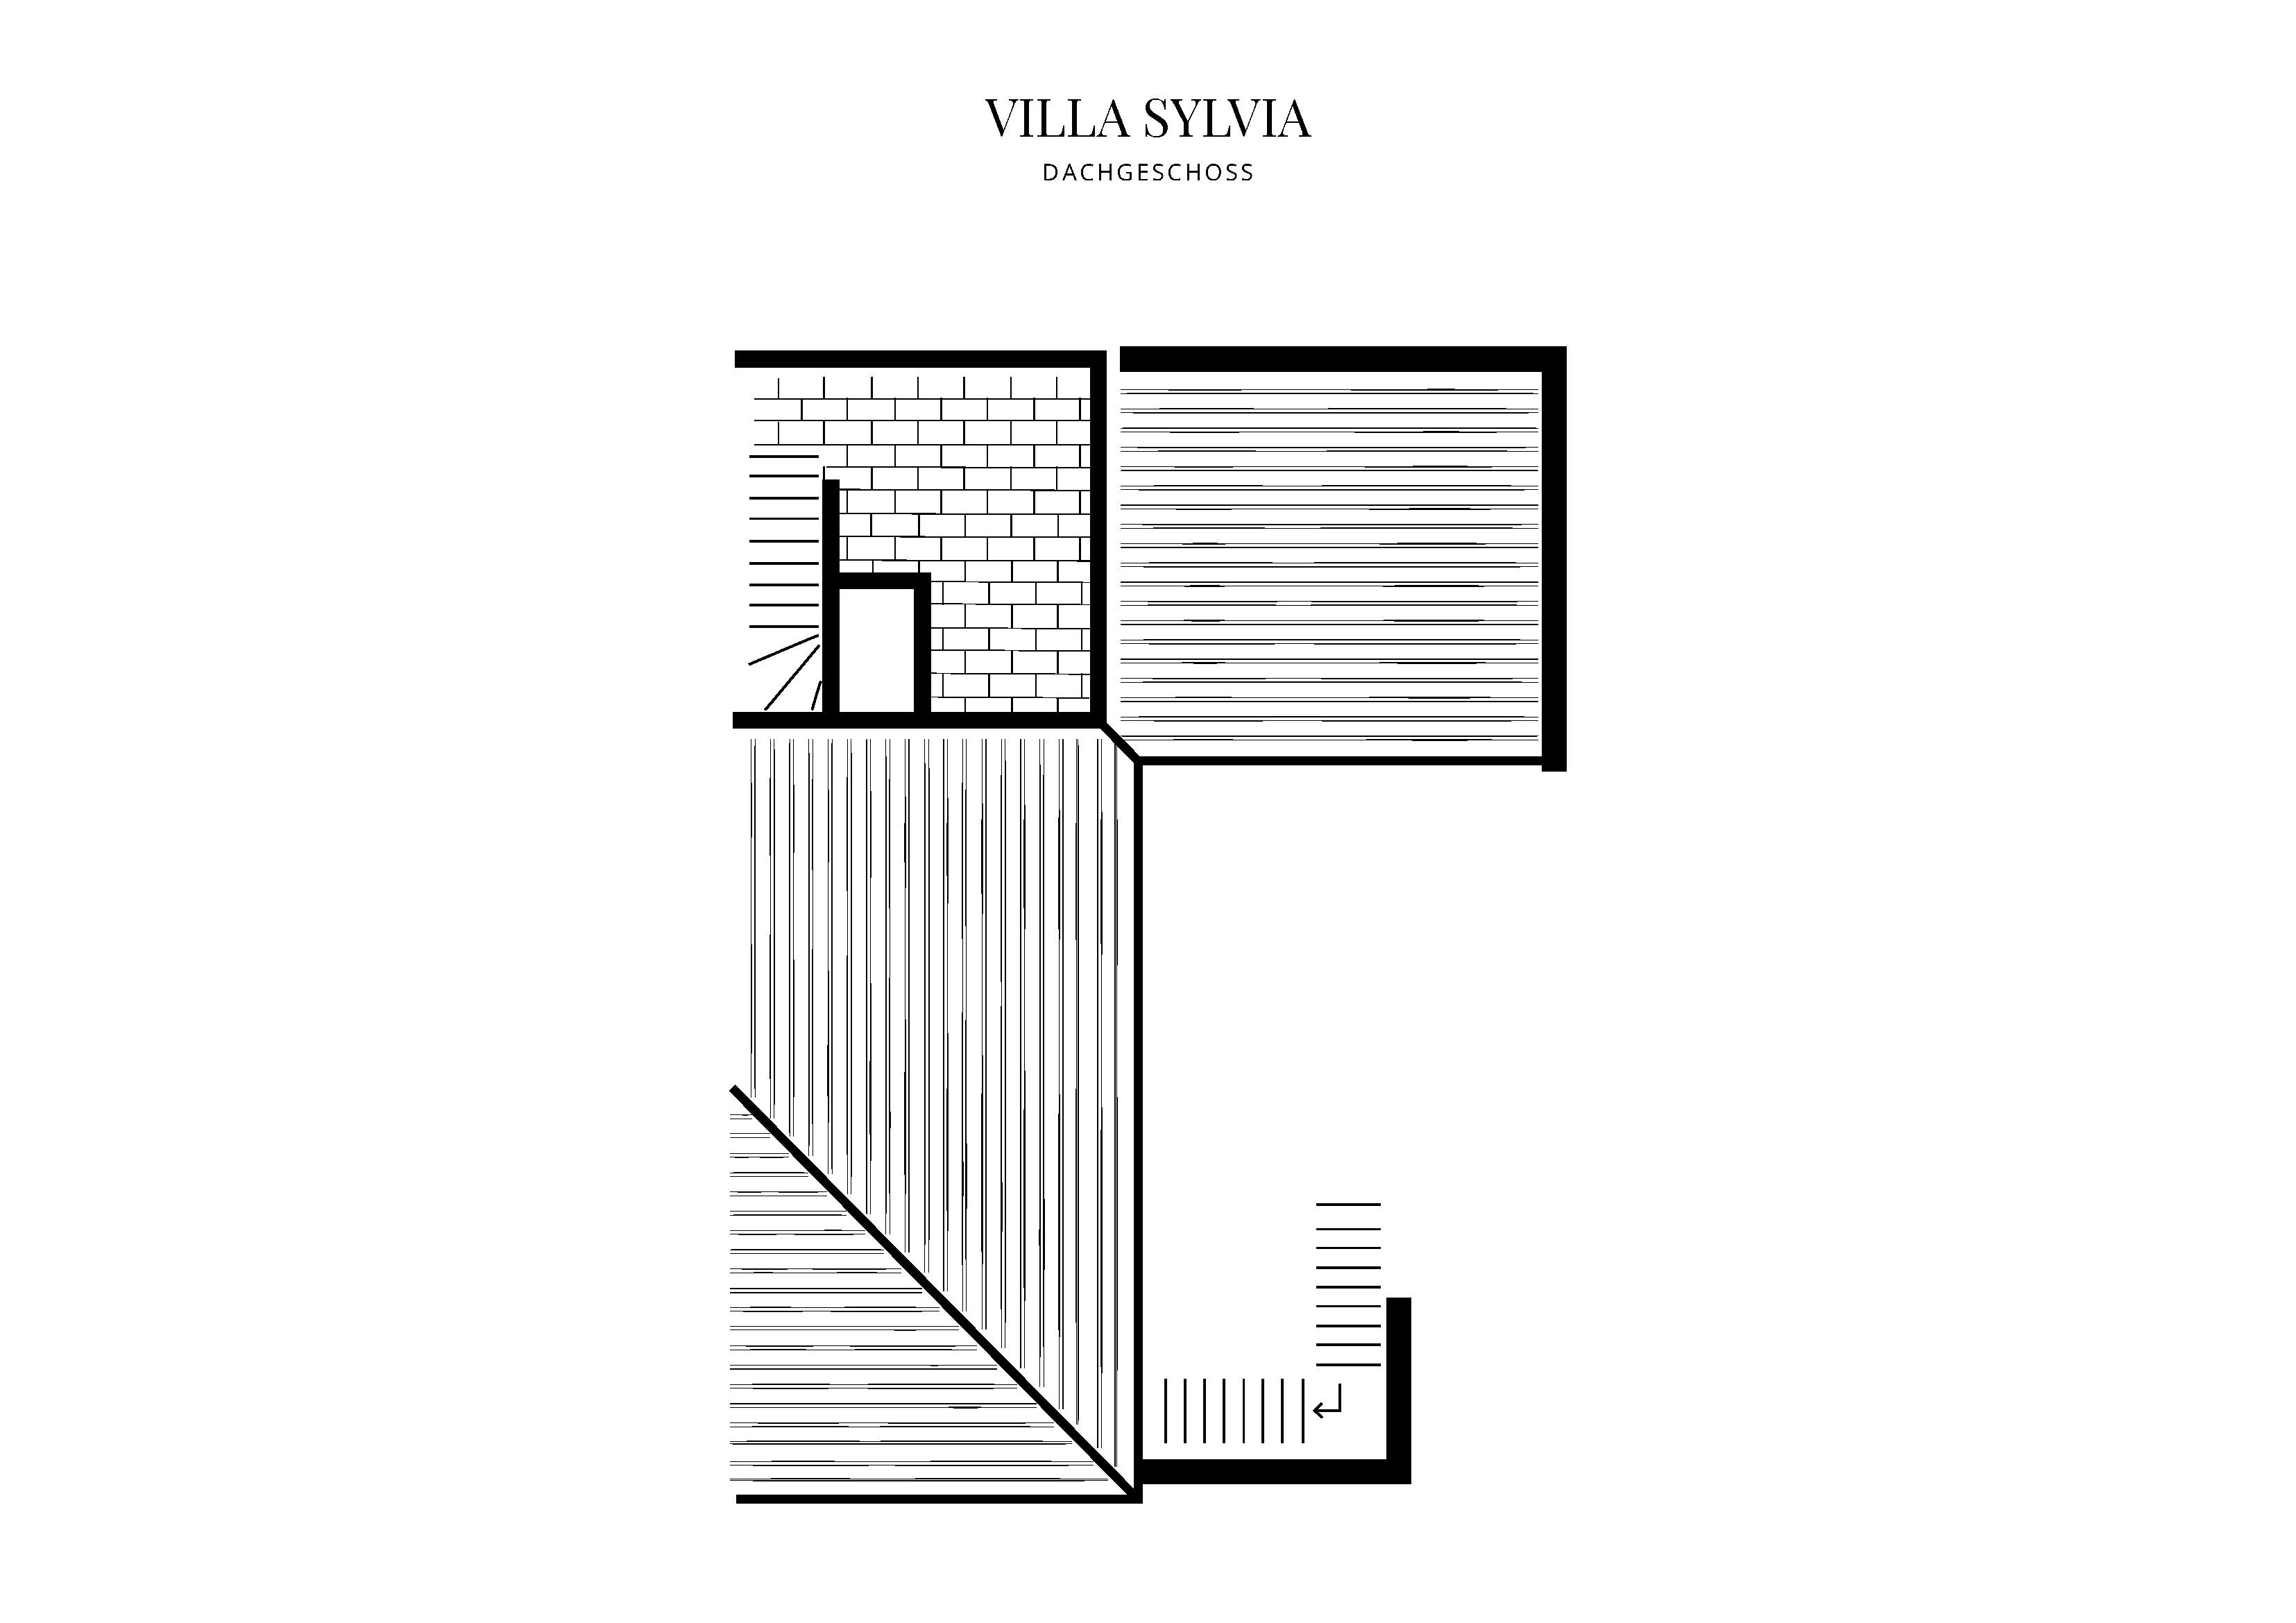 Grafik Grundriss Dachgeschoss Villa Sylvia